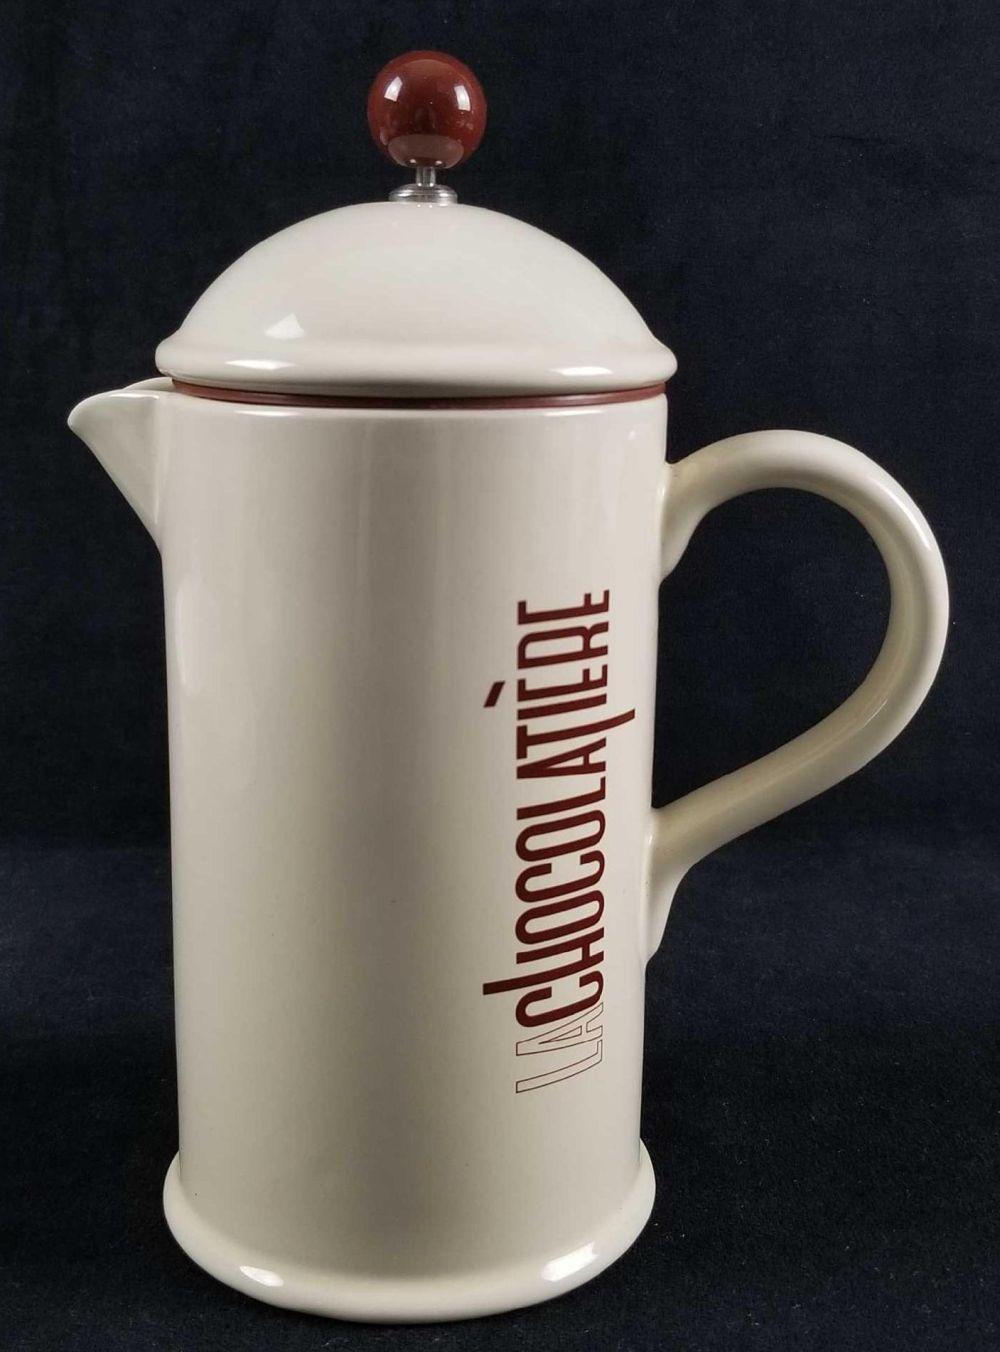 LaChocolatier Heavy French Coffee Press